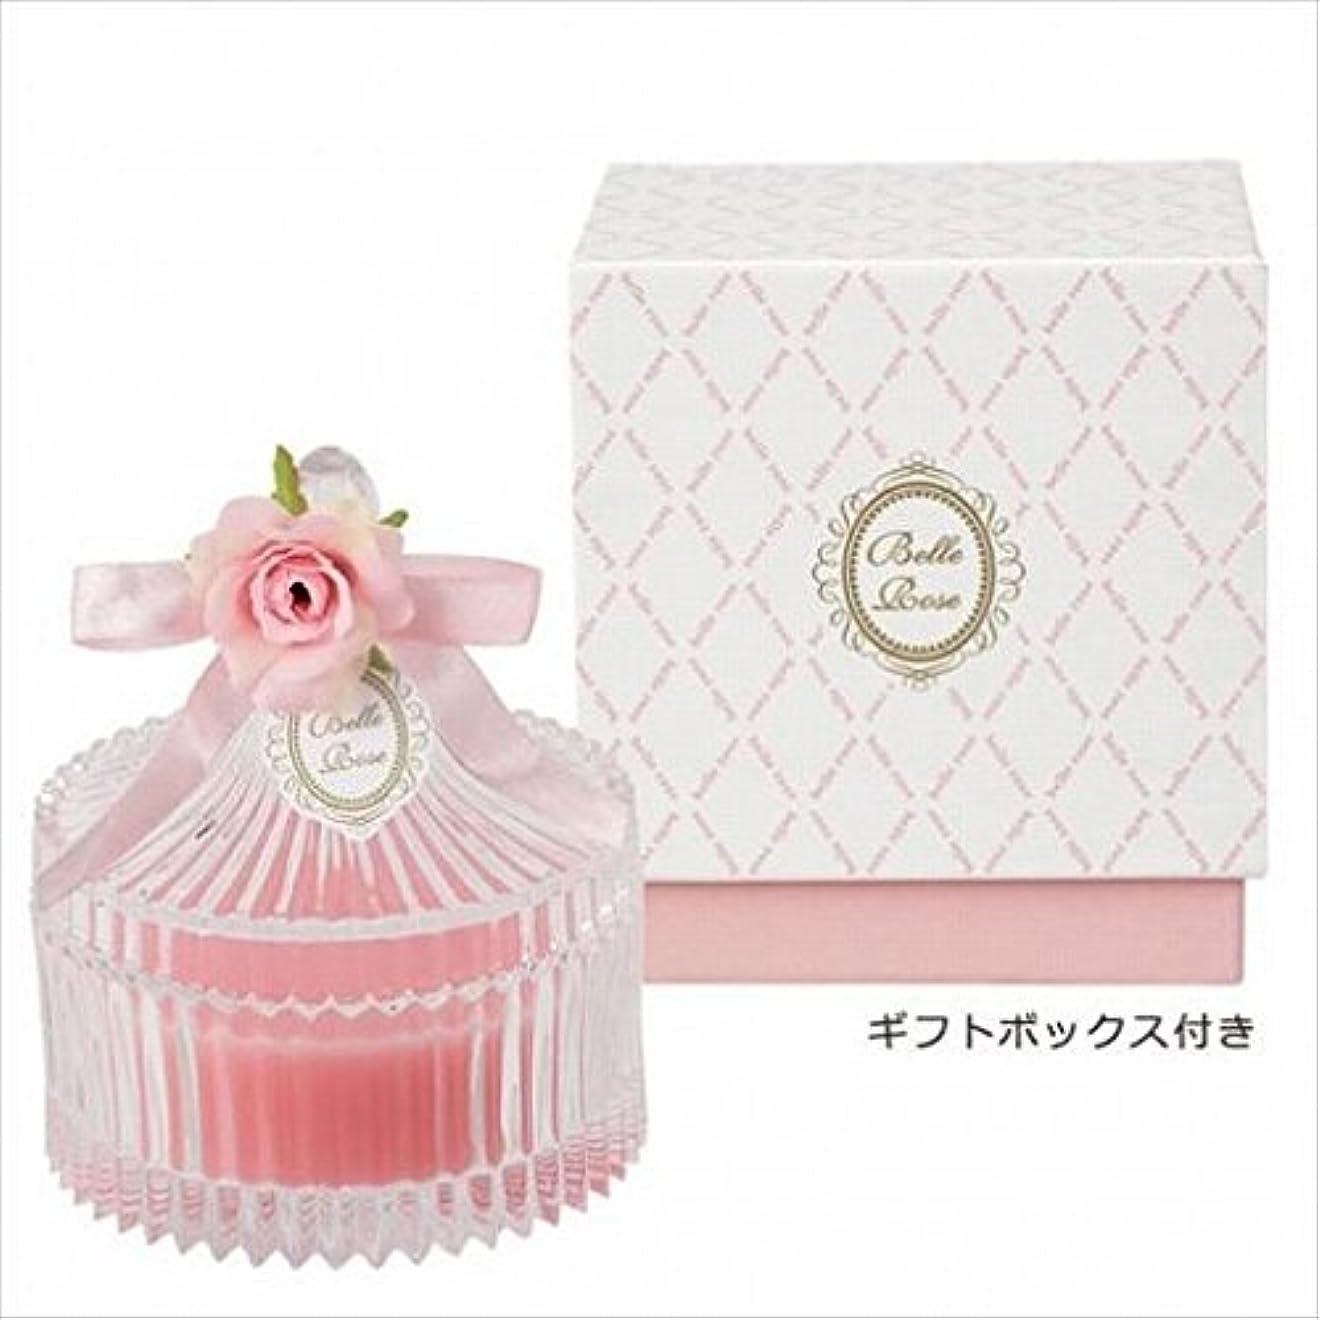 コークス雄弁移民kameyama candle(カメヤマキャンドル) ベルローズキャニスター 「 ピンク 」 キャンドル(A5920500PK)